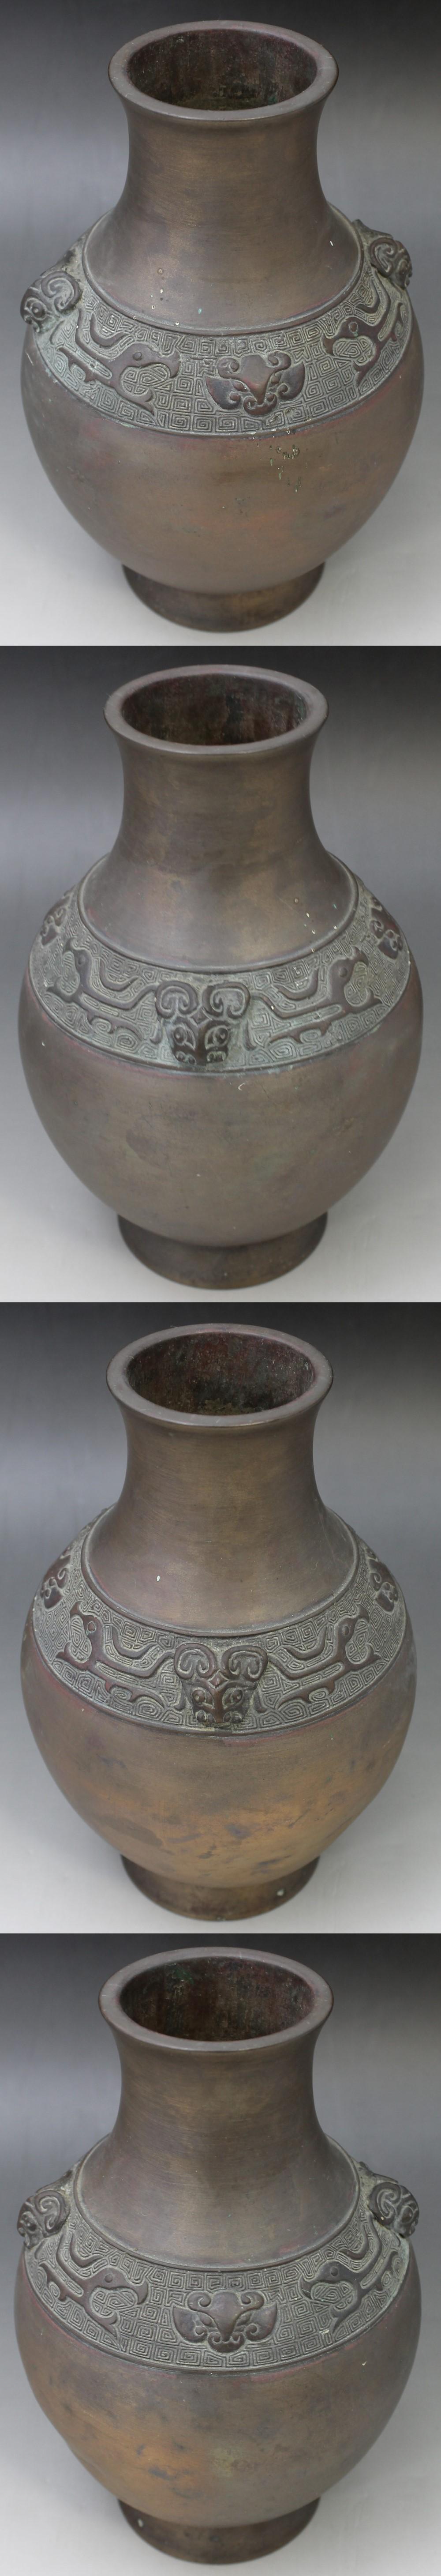 375銅製各火鉢2